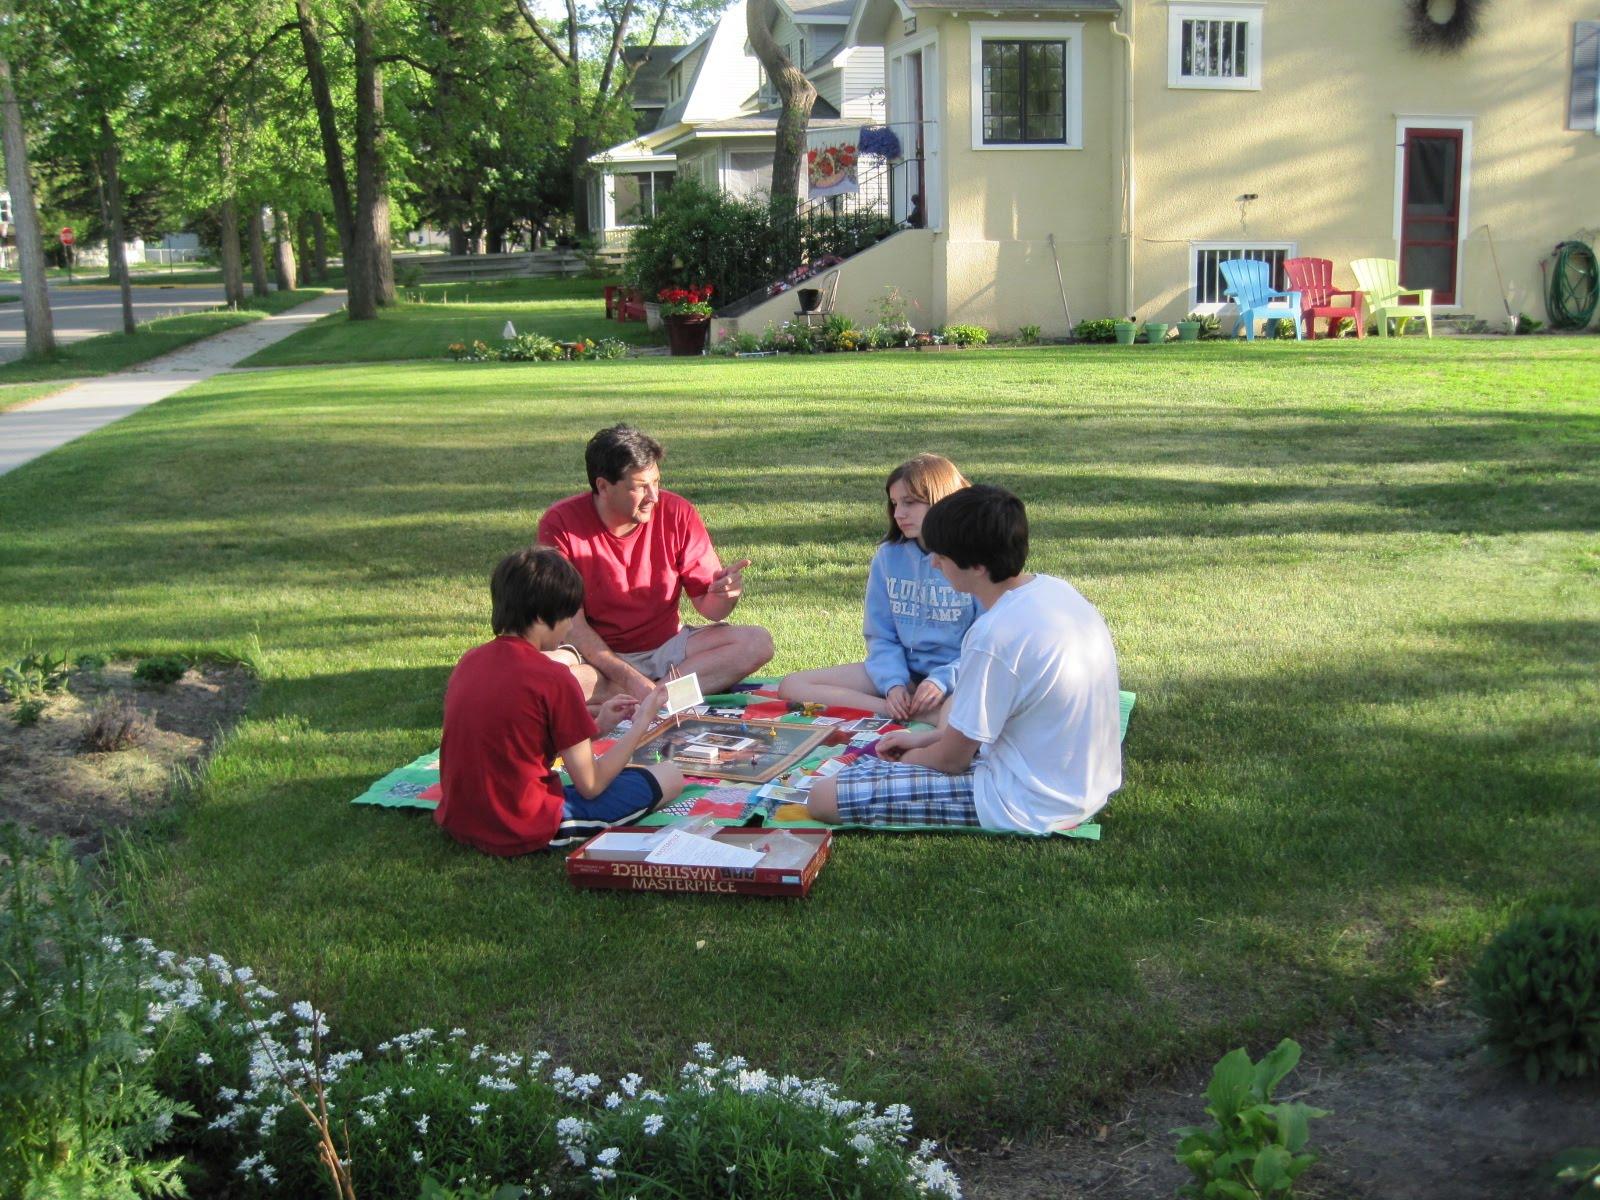 jocuri pentru copii mari i mici 5 idei cu jocuri frumoase s ne juc m de 1 mai afar. Black Bedroom Furniture Sets. Home Design Ideas